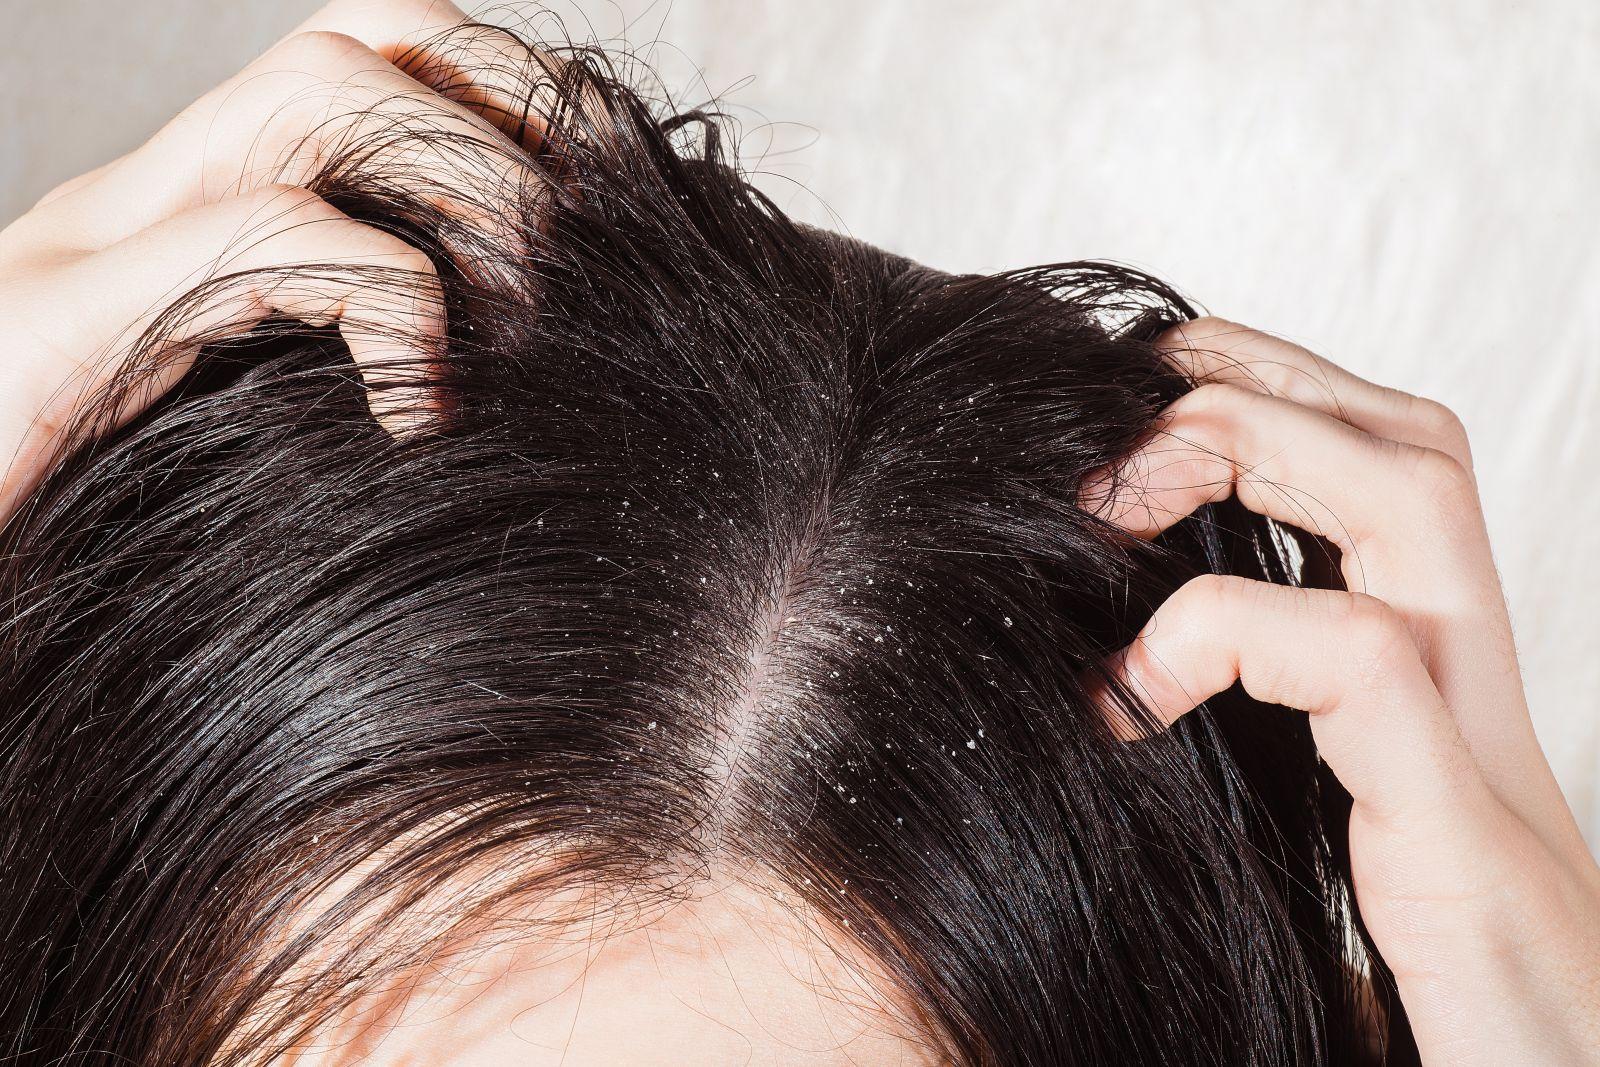 علاج قشرة الشعر في فصل الشتاء